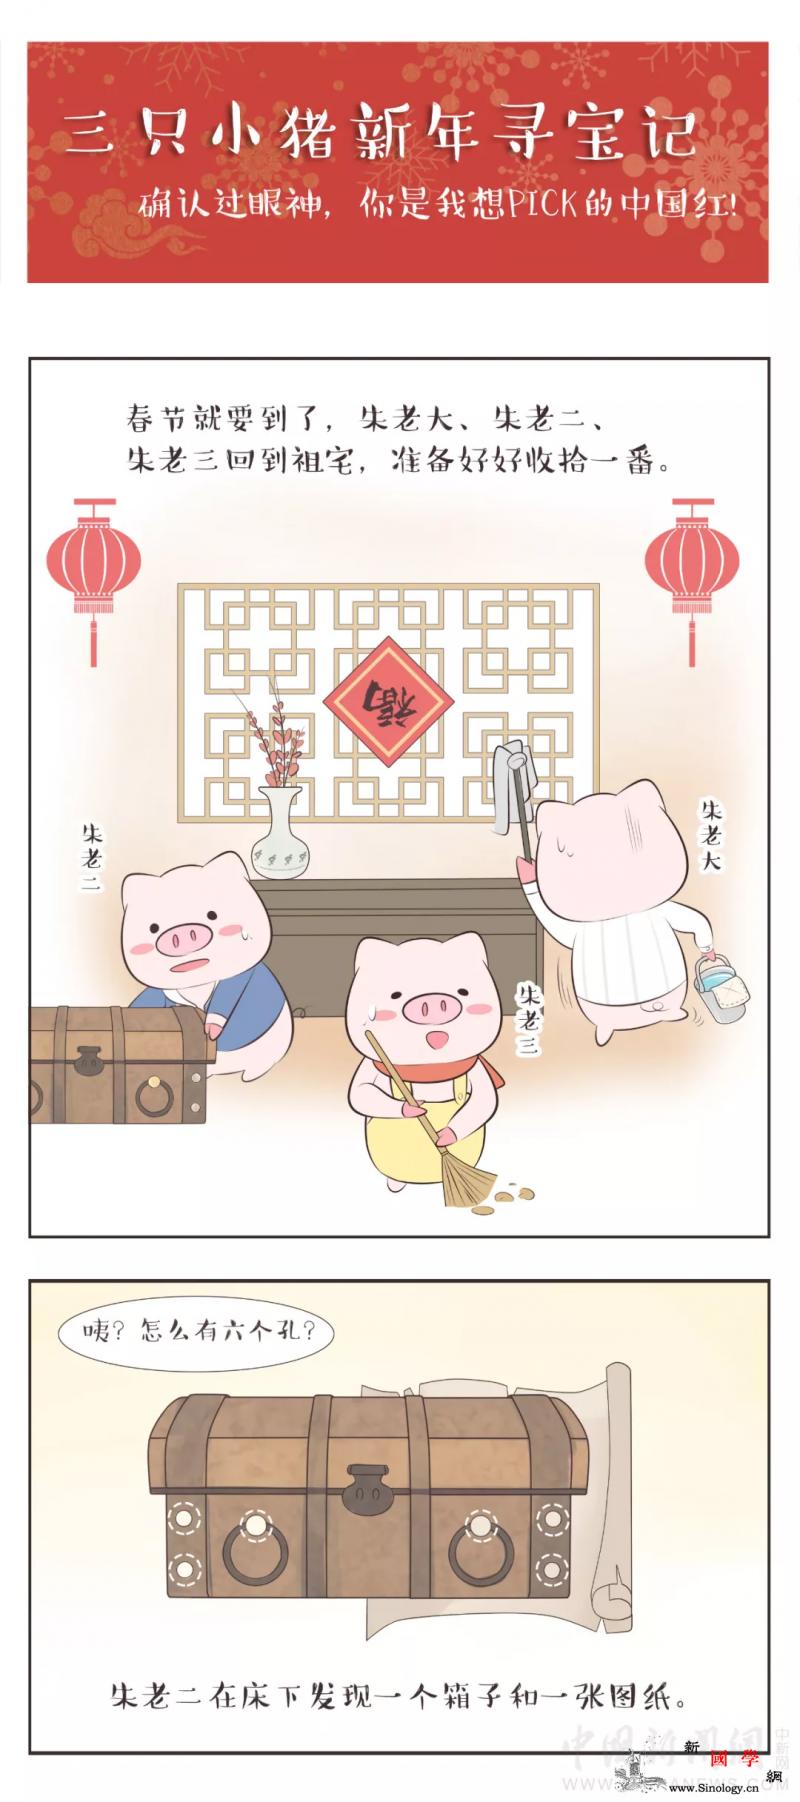 猪年来了!三只小猪get了一个宝箱_三只-猪年-宝箱-